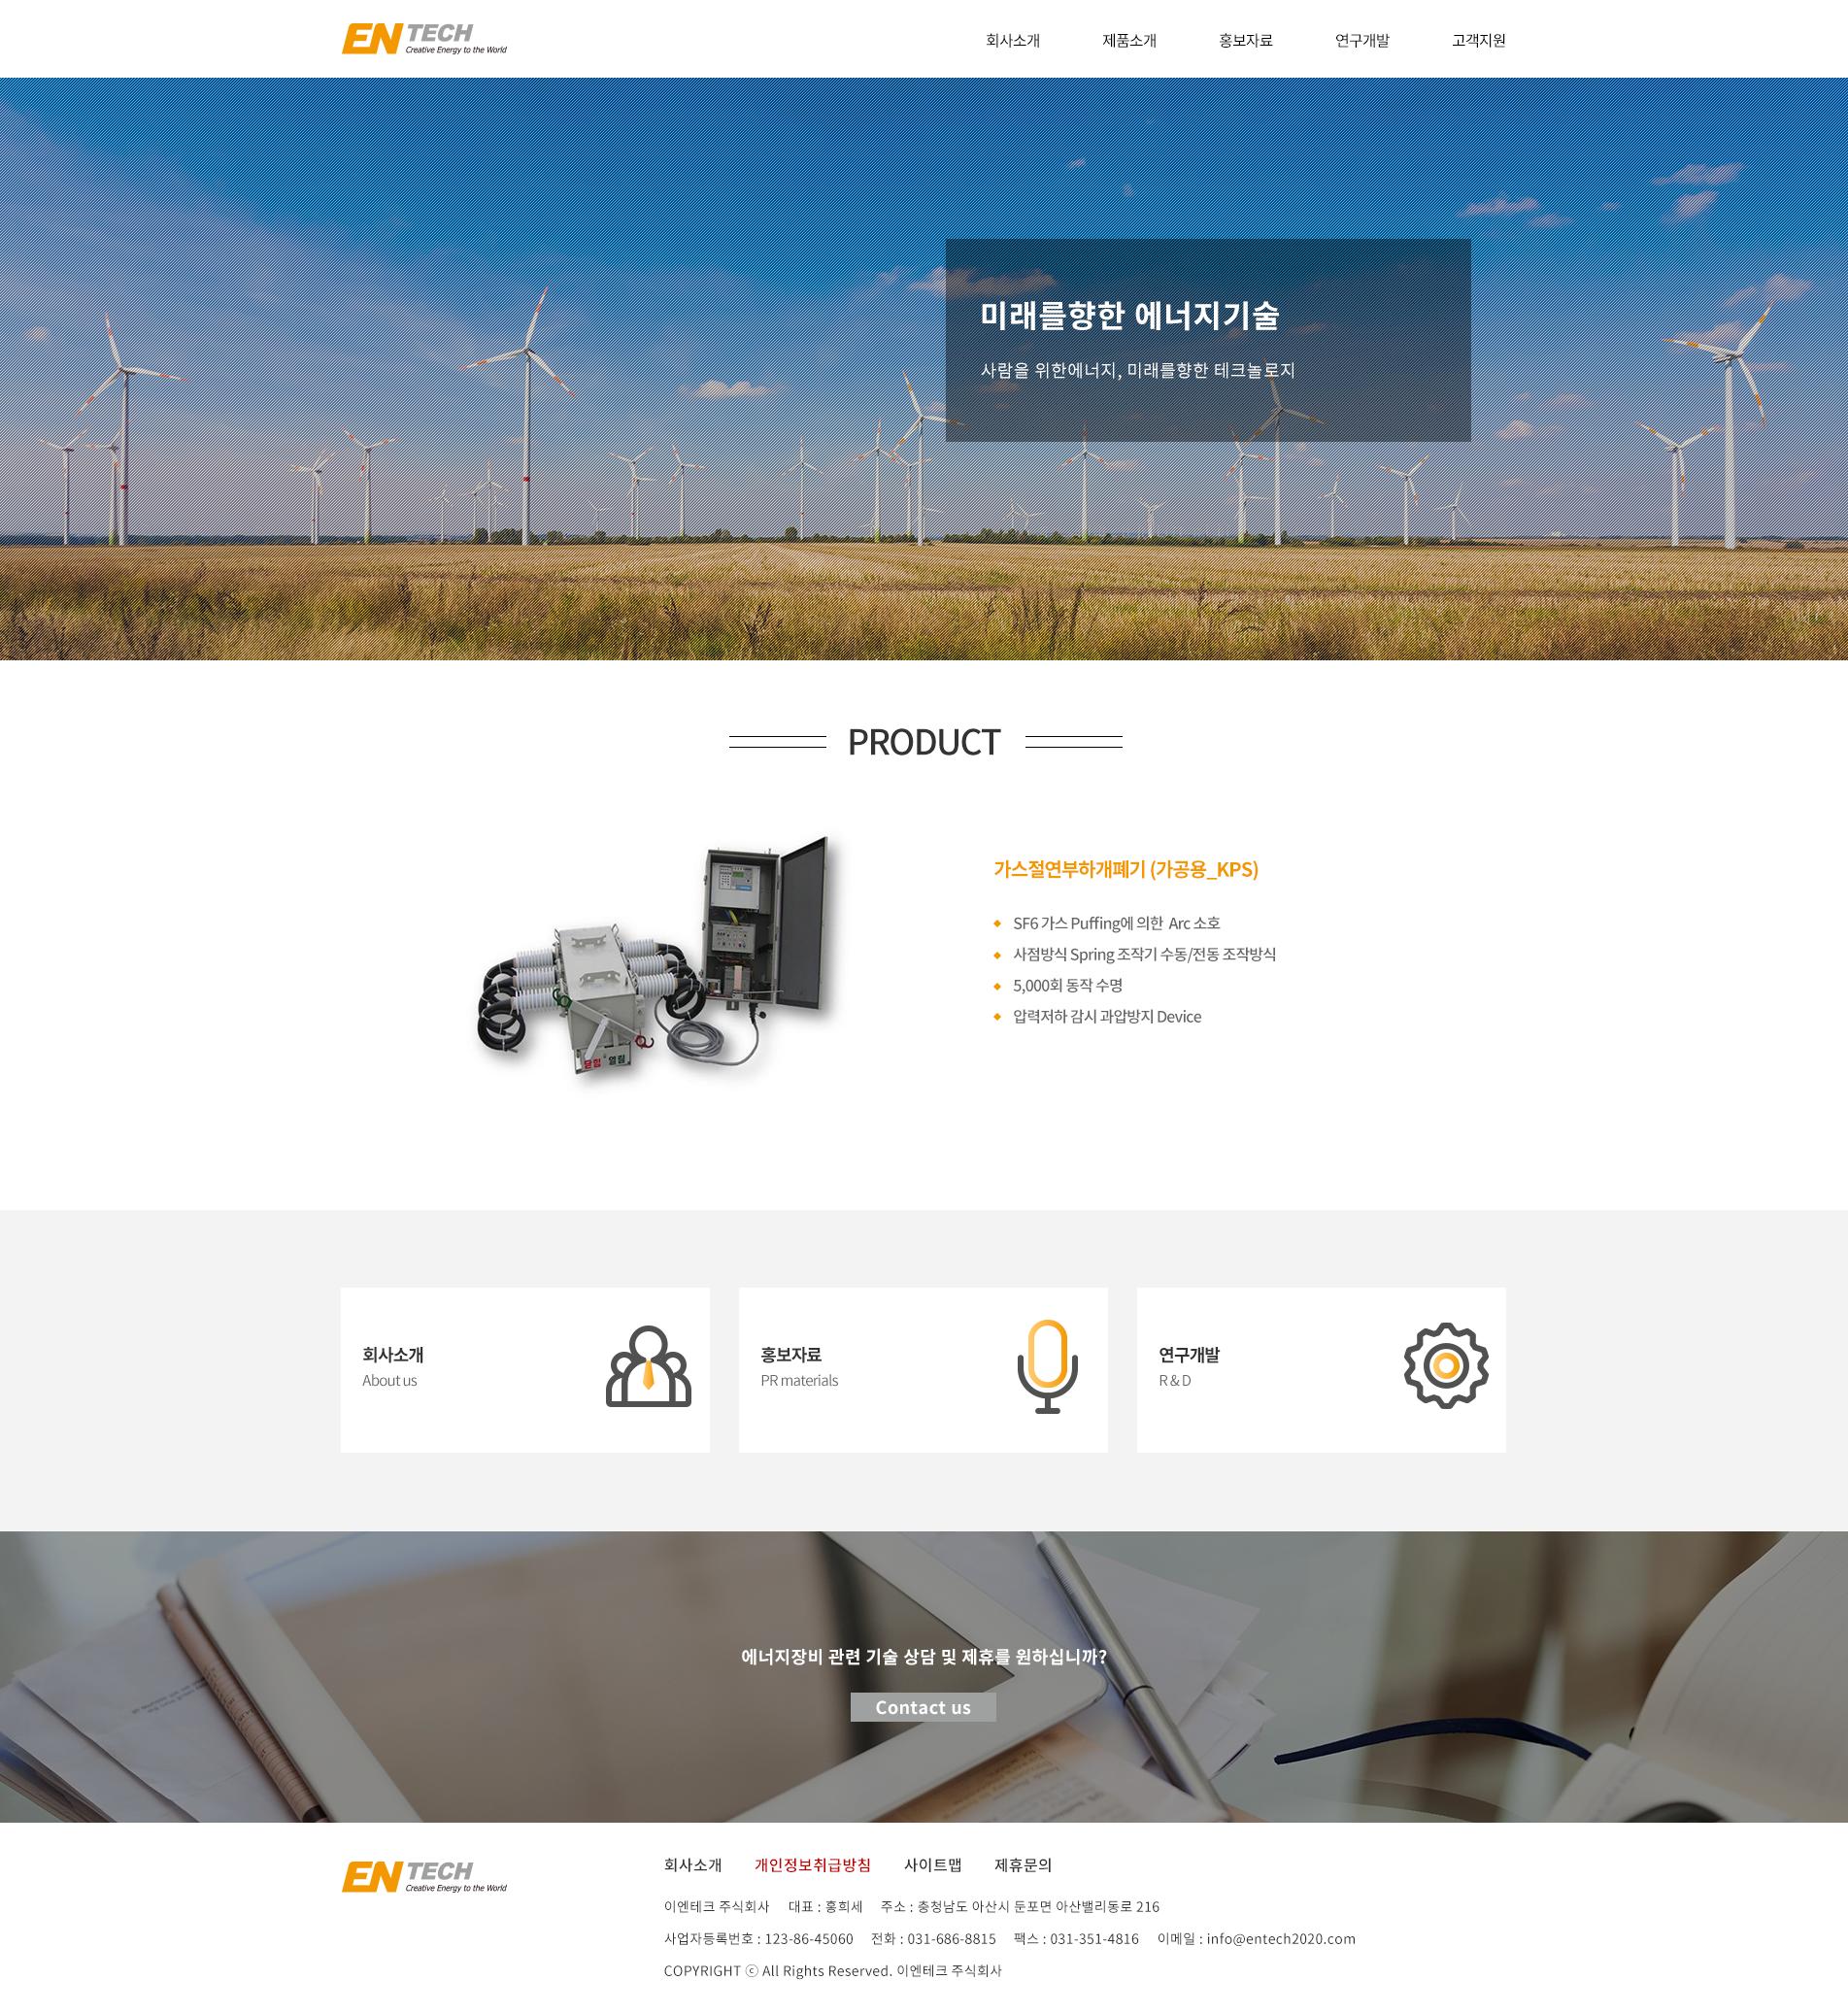 [반응형 회사홈페이지] 에너지기술을 선도하는 주식회사 이엔테크